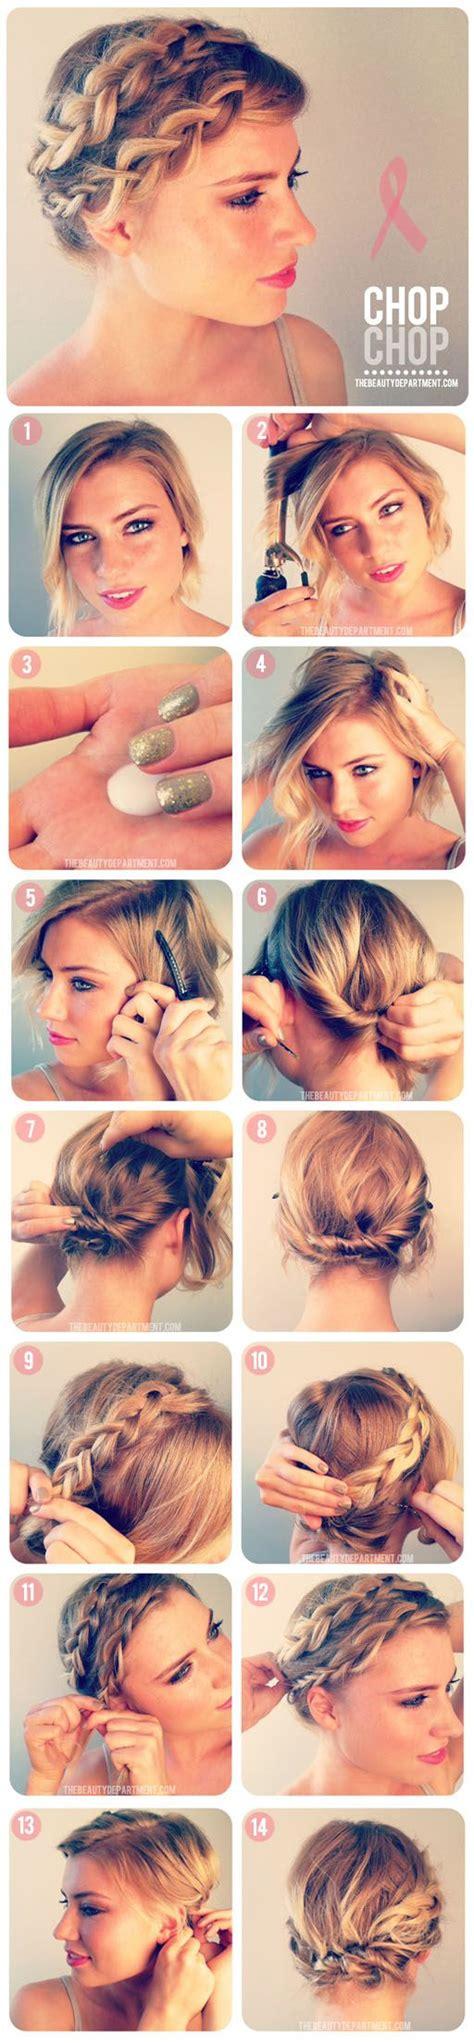 hairstyles short hair tutorial 12 pretty braided hairstyles for short hair pretty designs